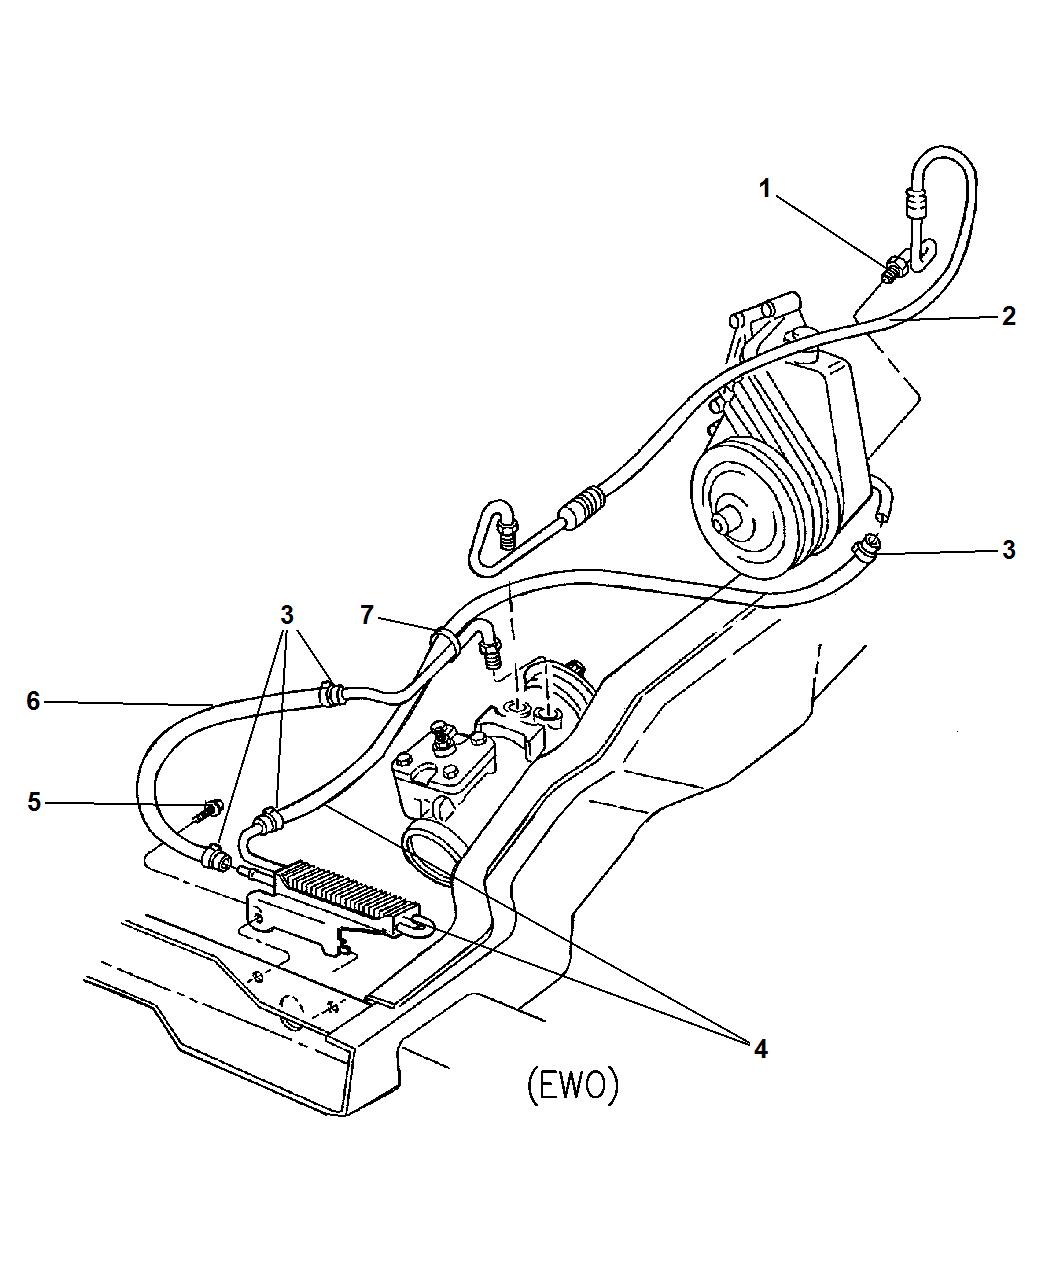 Image Result For Dodge Ram Power Steering Hose